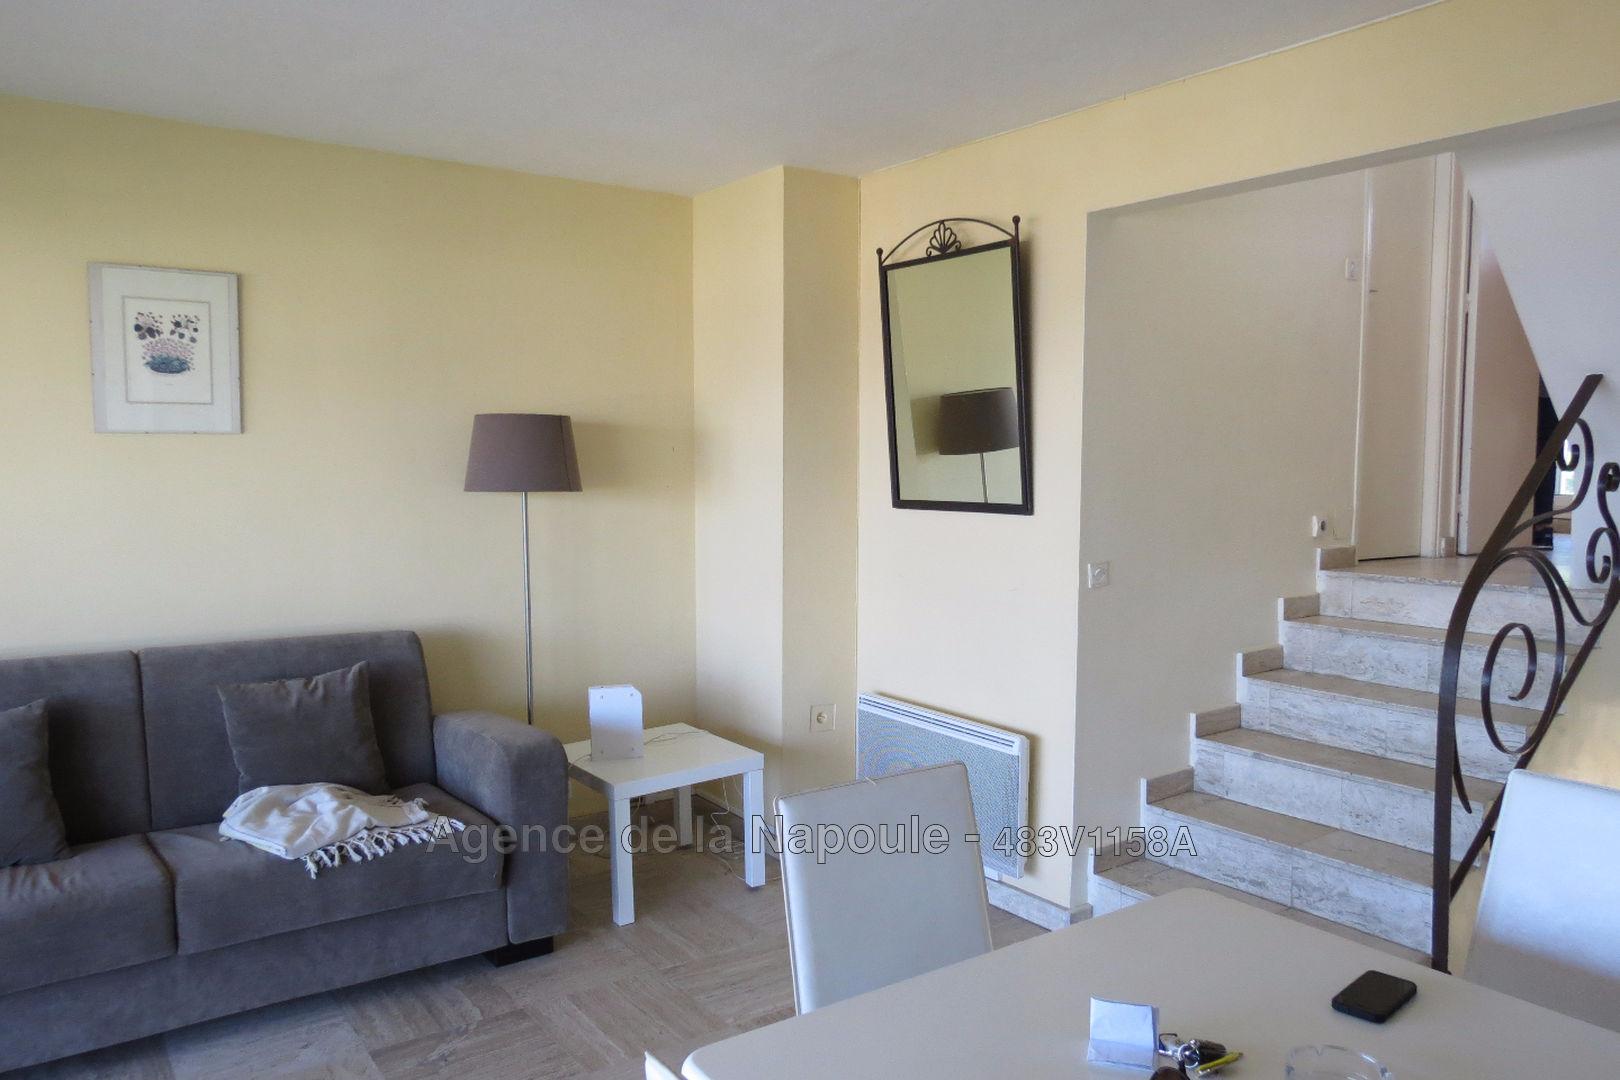 trouver une maison d cente est facile avec un agent. Black Bedroom Furniture Sets. Home Design Ideas